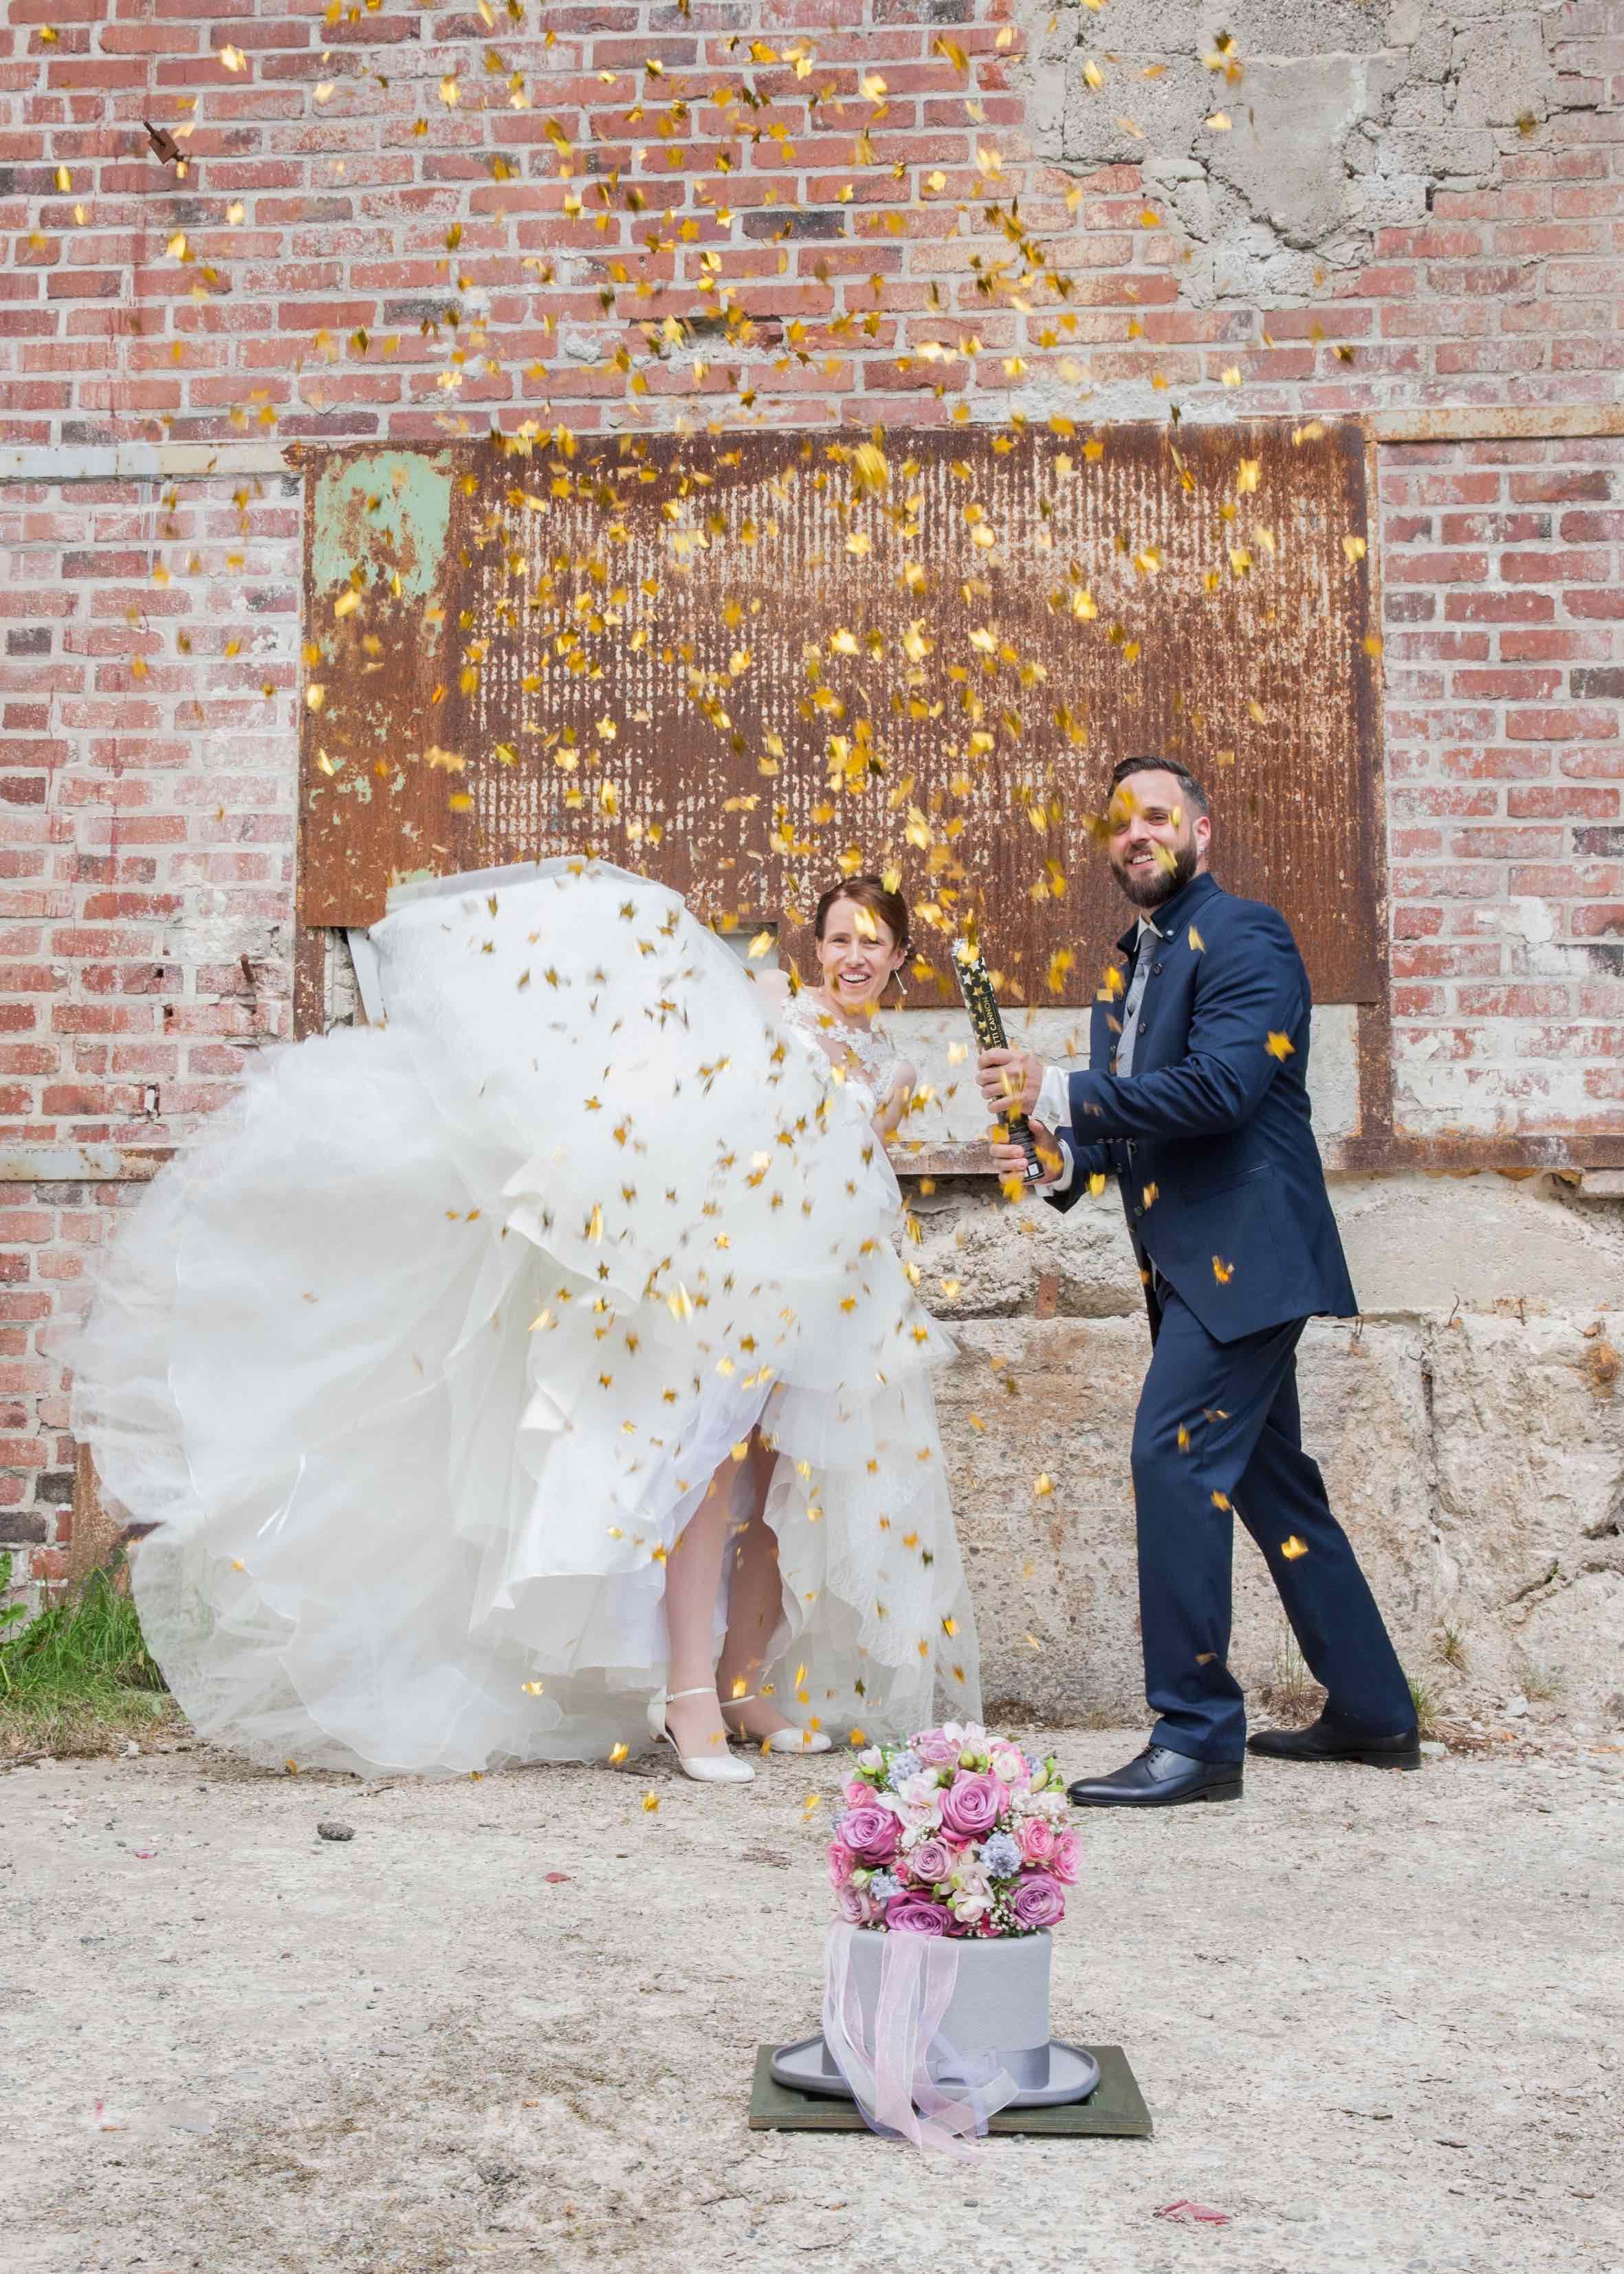 Heiraten Im Sauerland In 2020 Sauerland Fotografie Hochzeit